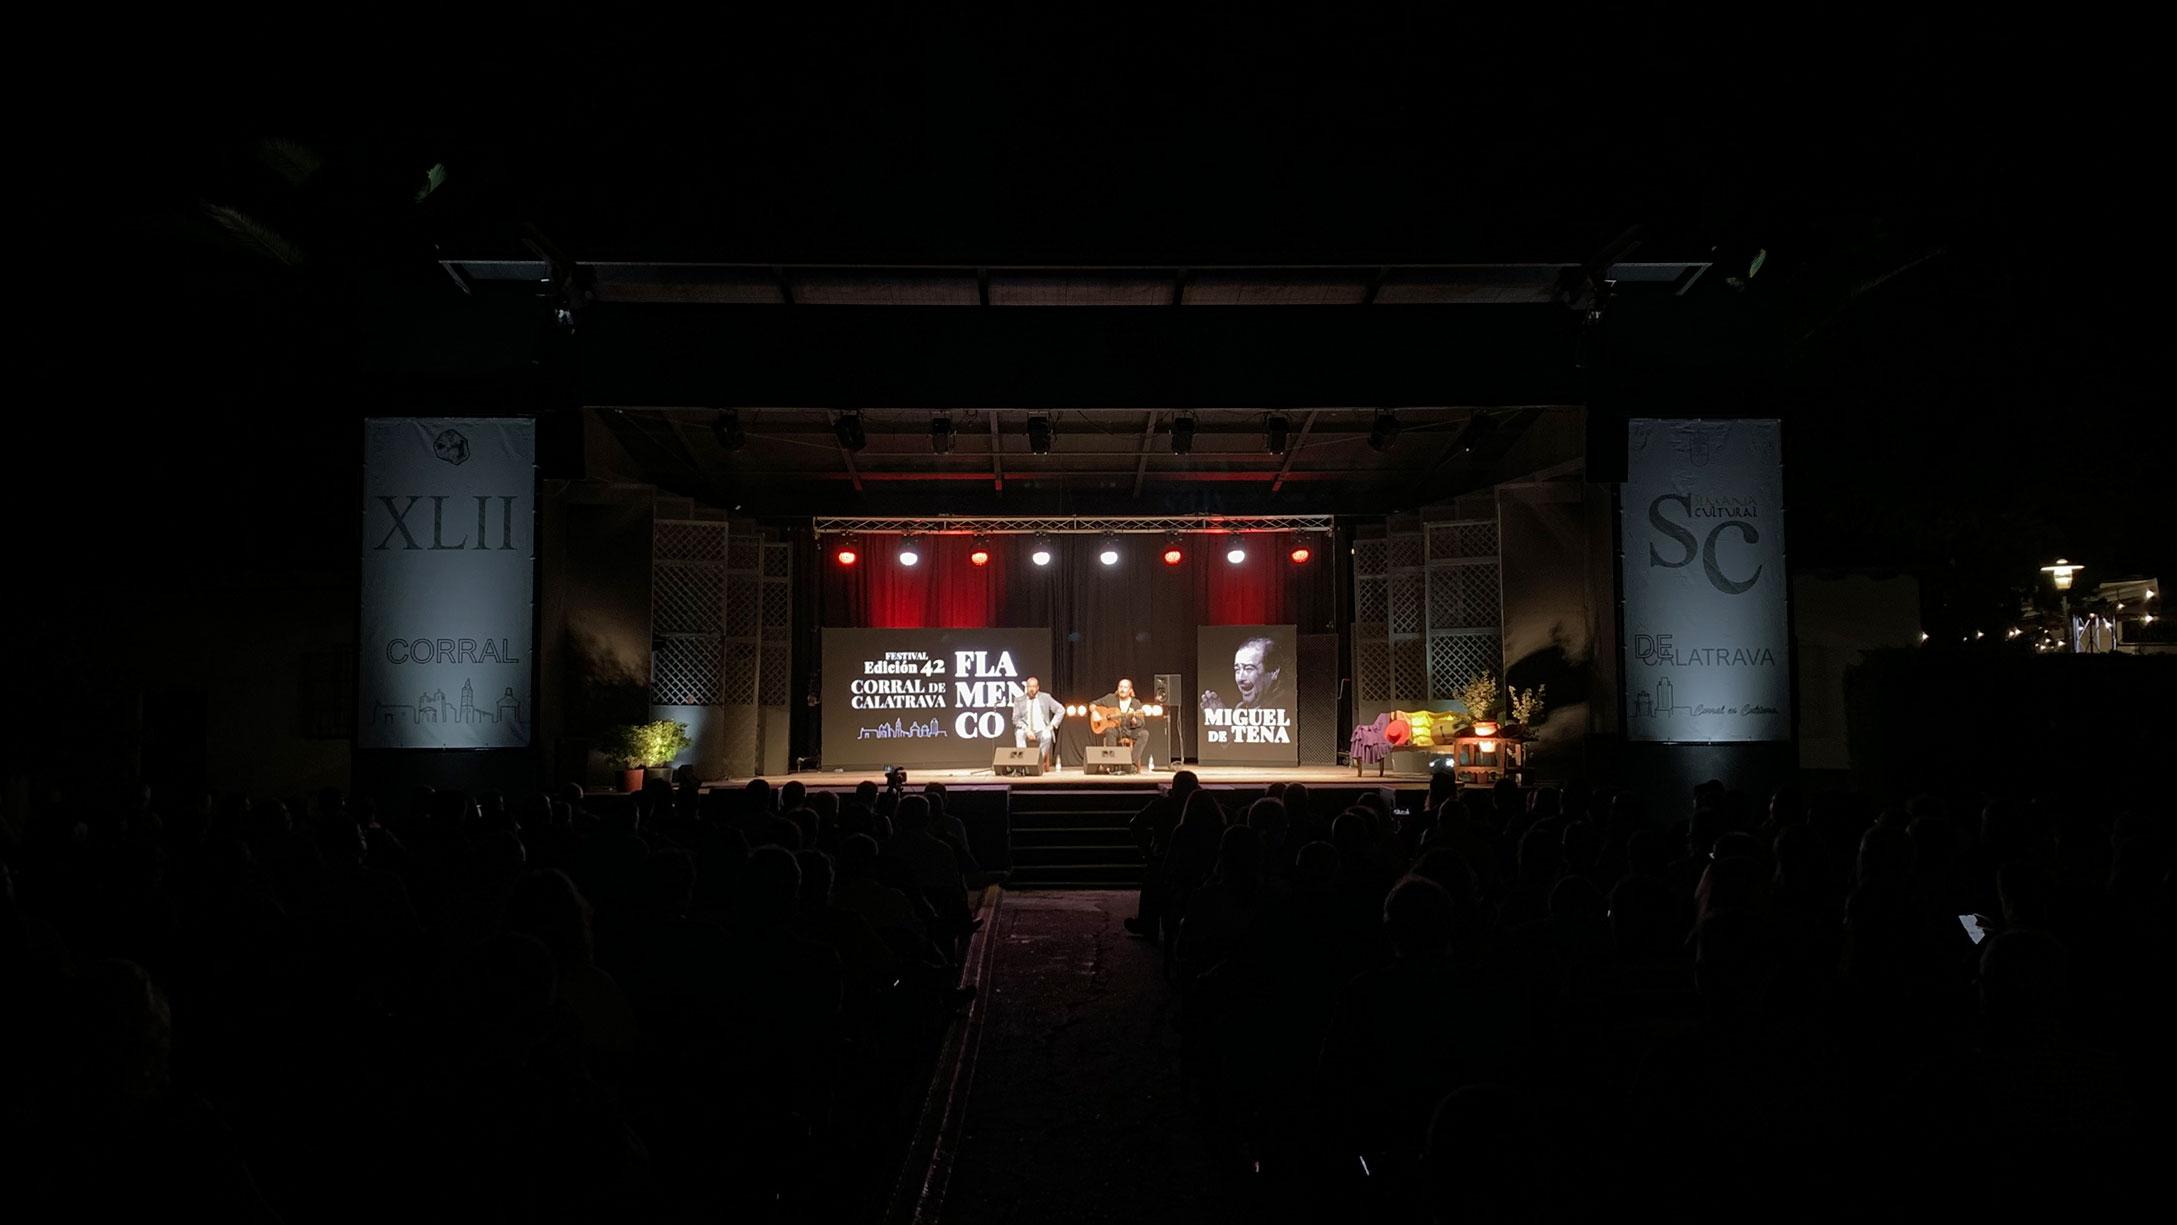 Festival_Flamenco_Corral_cva_2021_01